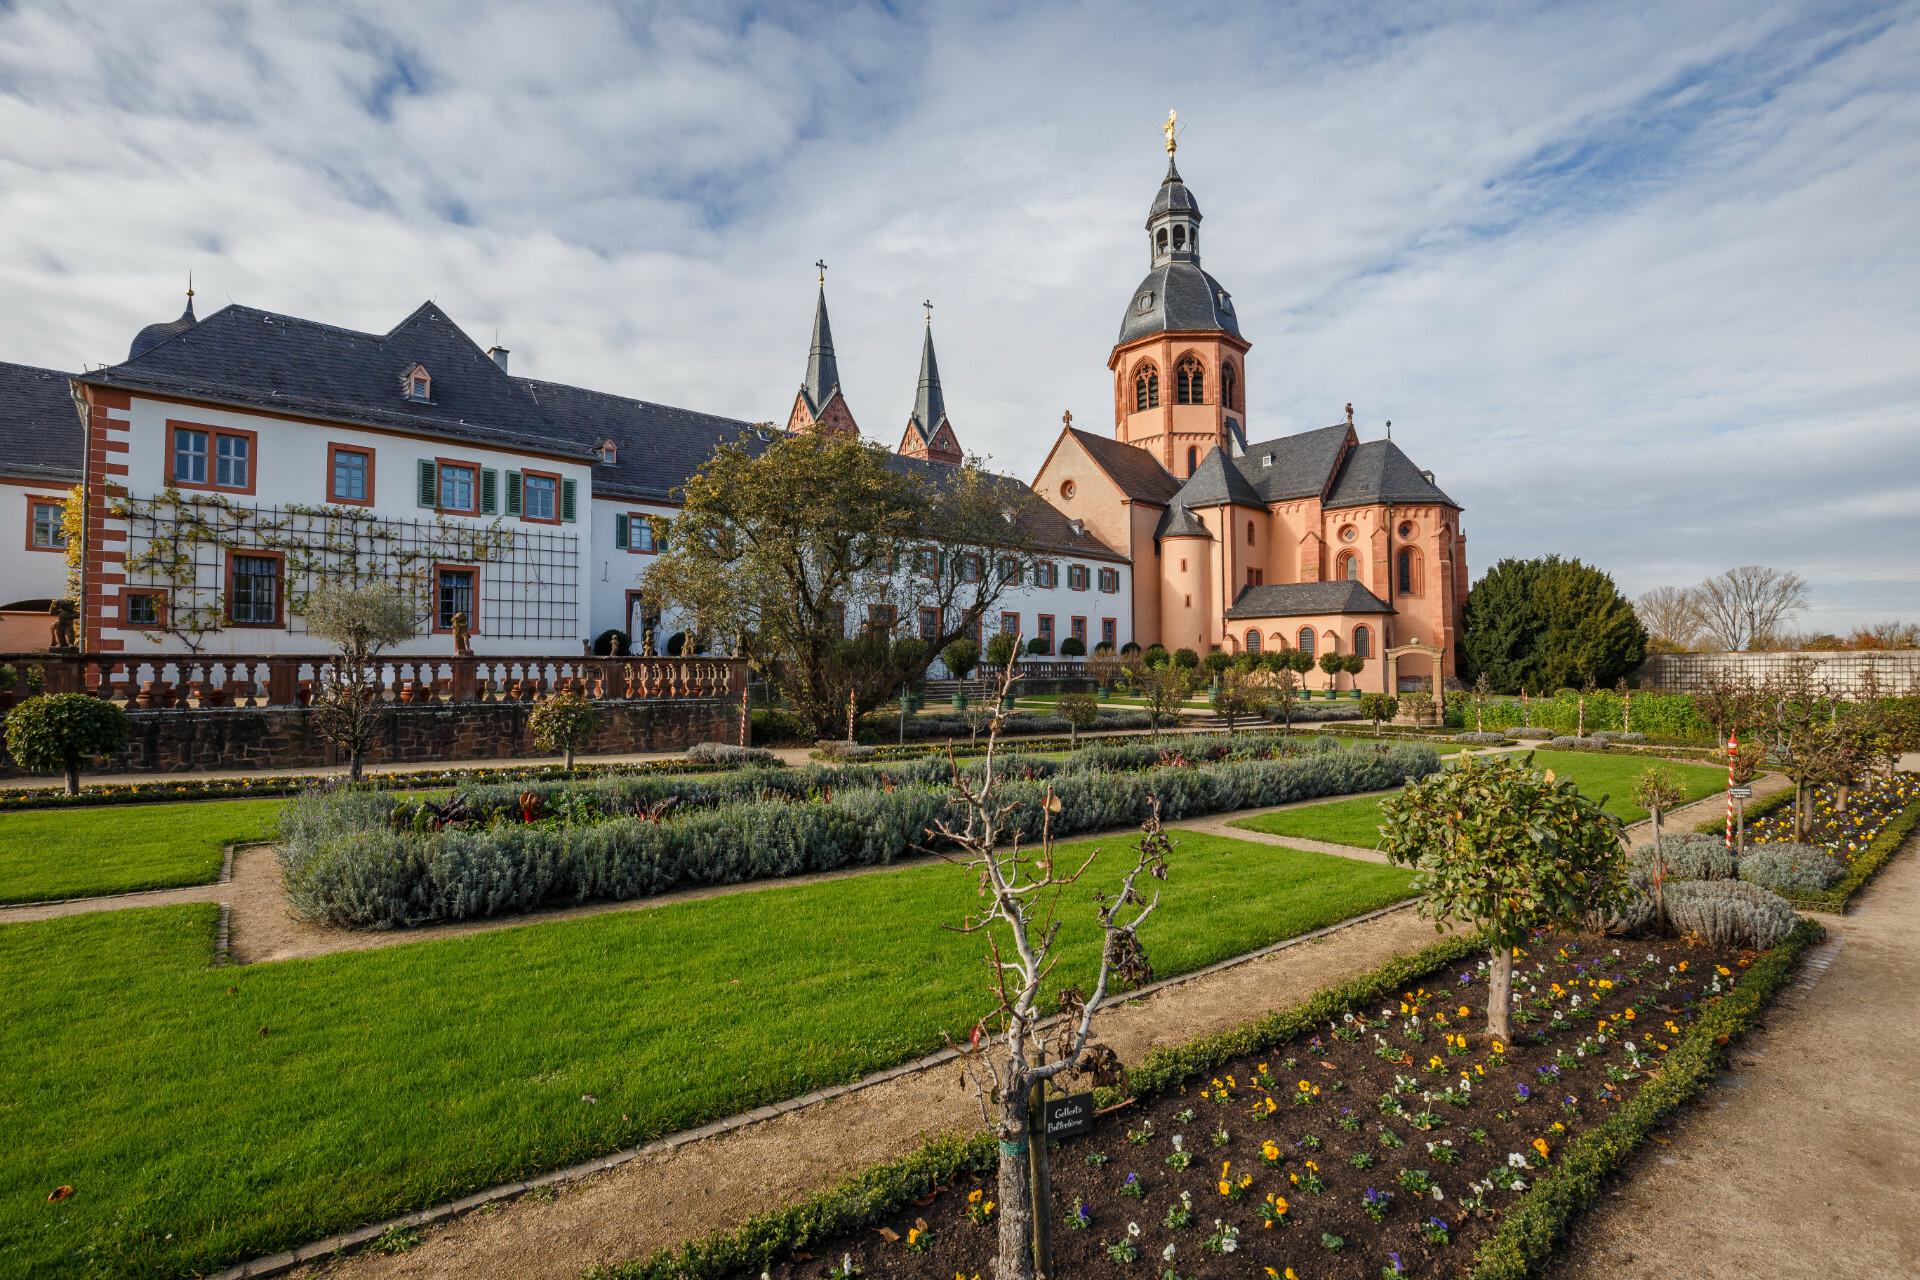 Leukel Kloster Seligenstadt 27